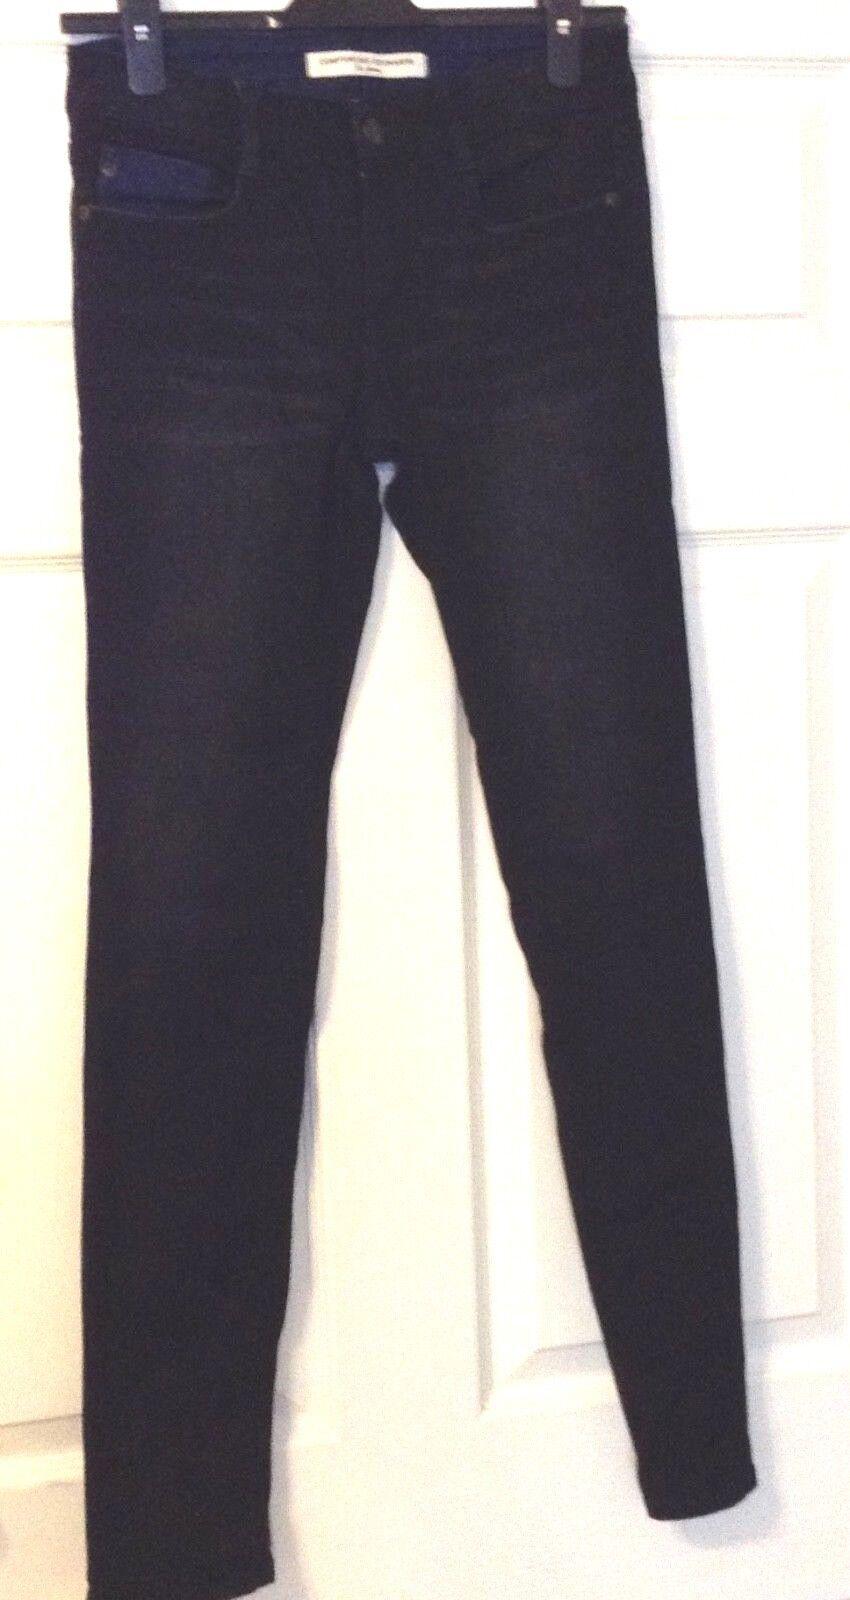 Comptoir DES cootonnies pantaloni per le donne Les Les Les Jeans-colore Nero-Taglia 36 e90e85